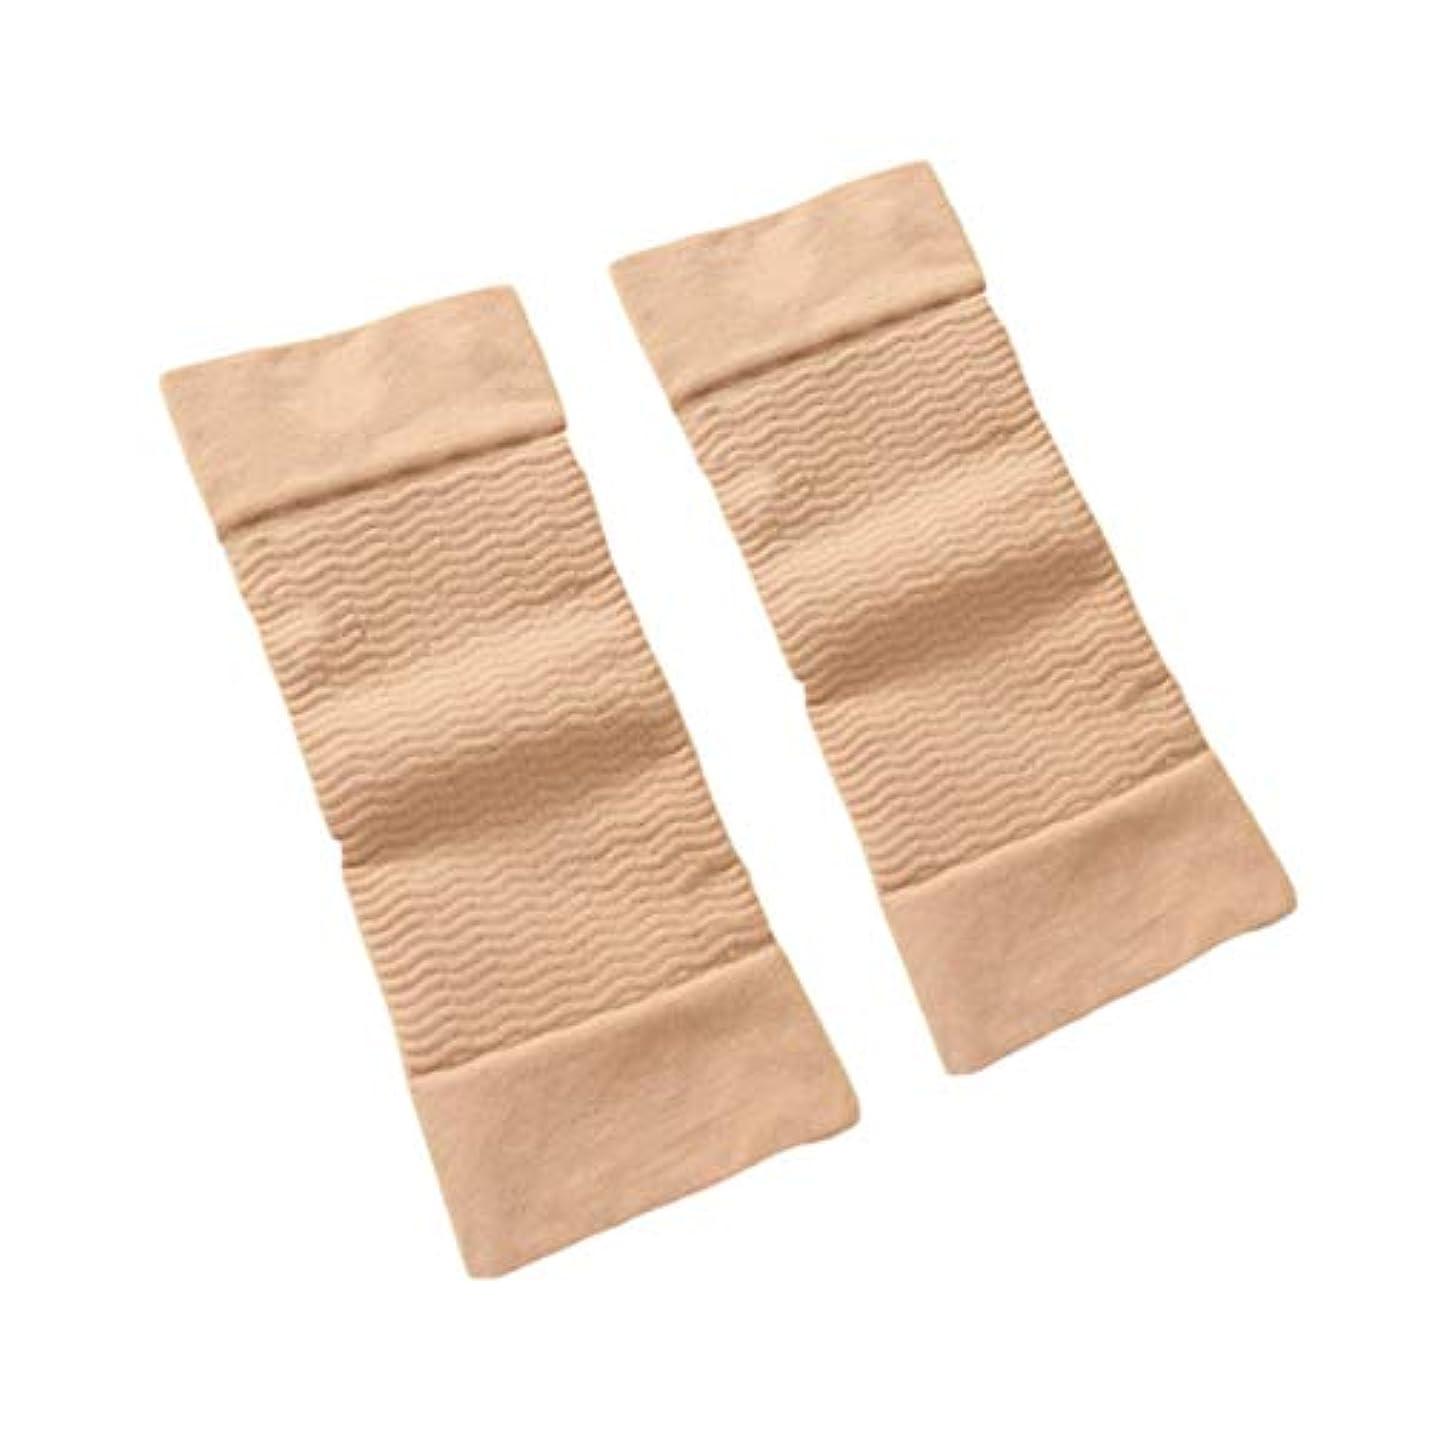 レタッチラッドヤードキップリング太陽1ペア420 D圧縮痩身アームスリーブワークアウトトーニングバーンセルライトシェイパー脂肪燃焼袖用女性 - 肌色